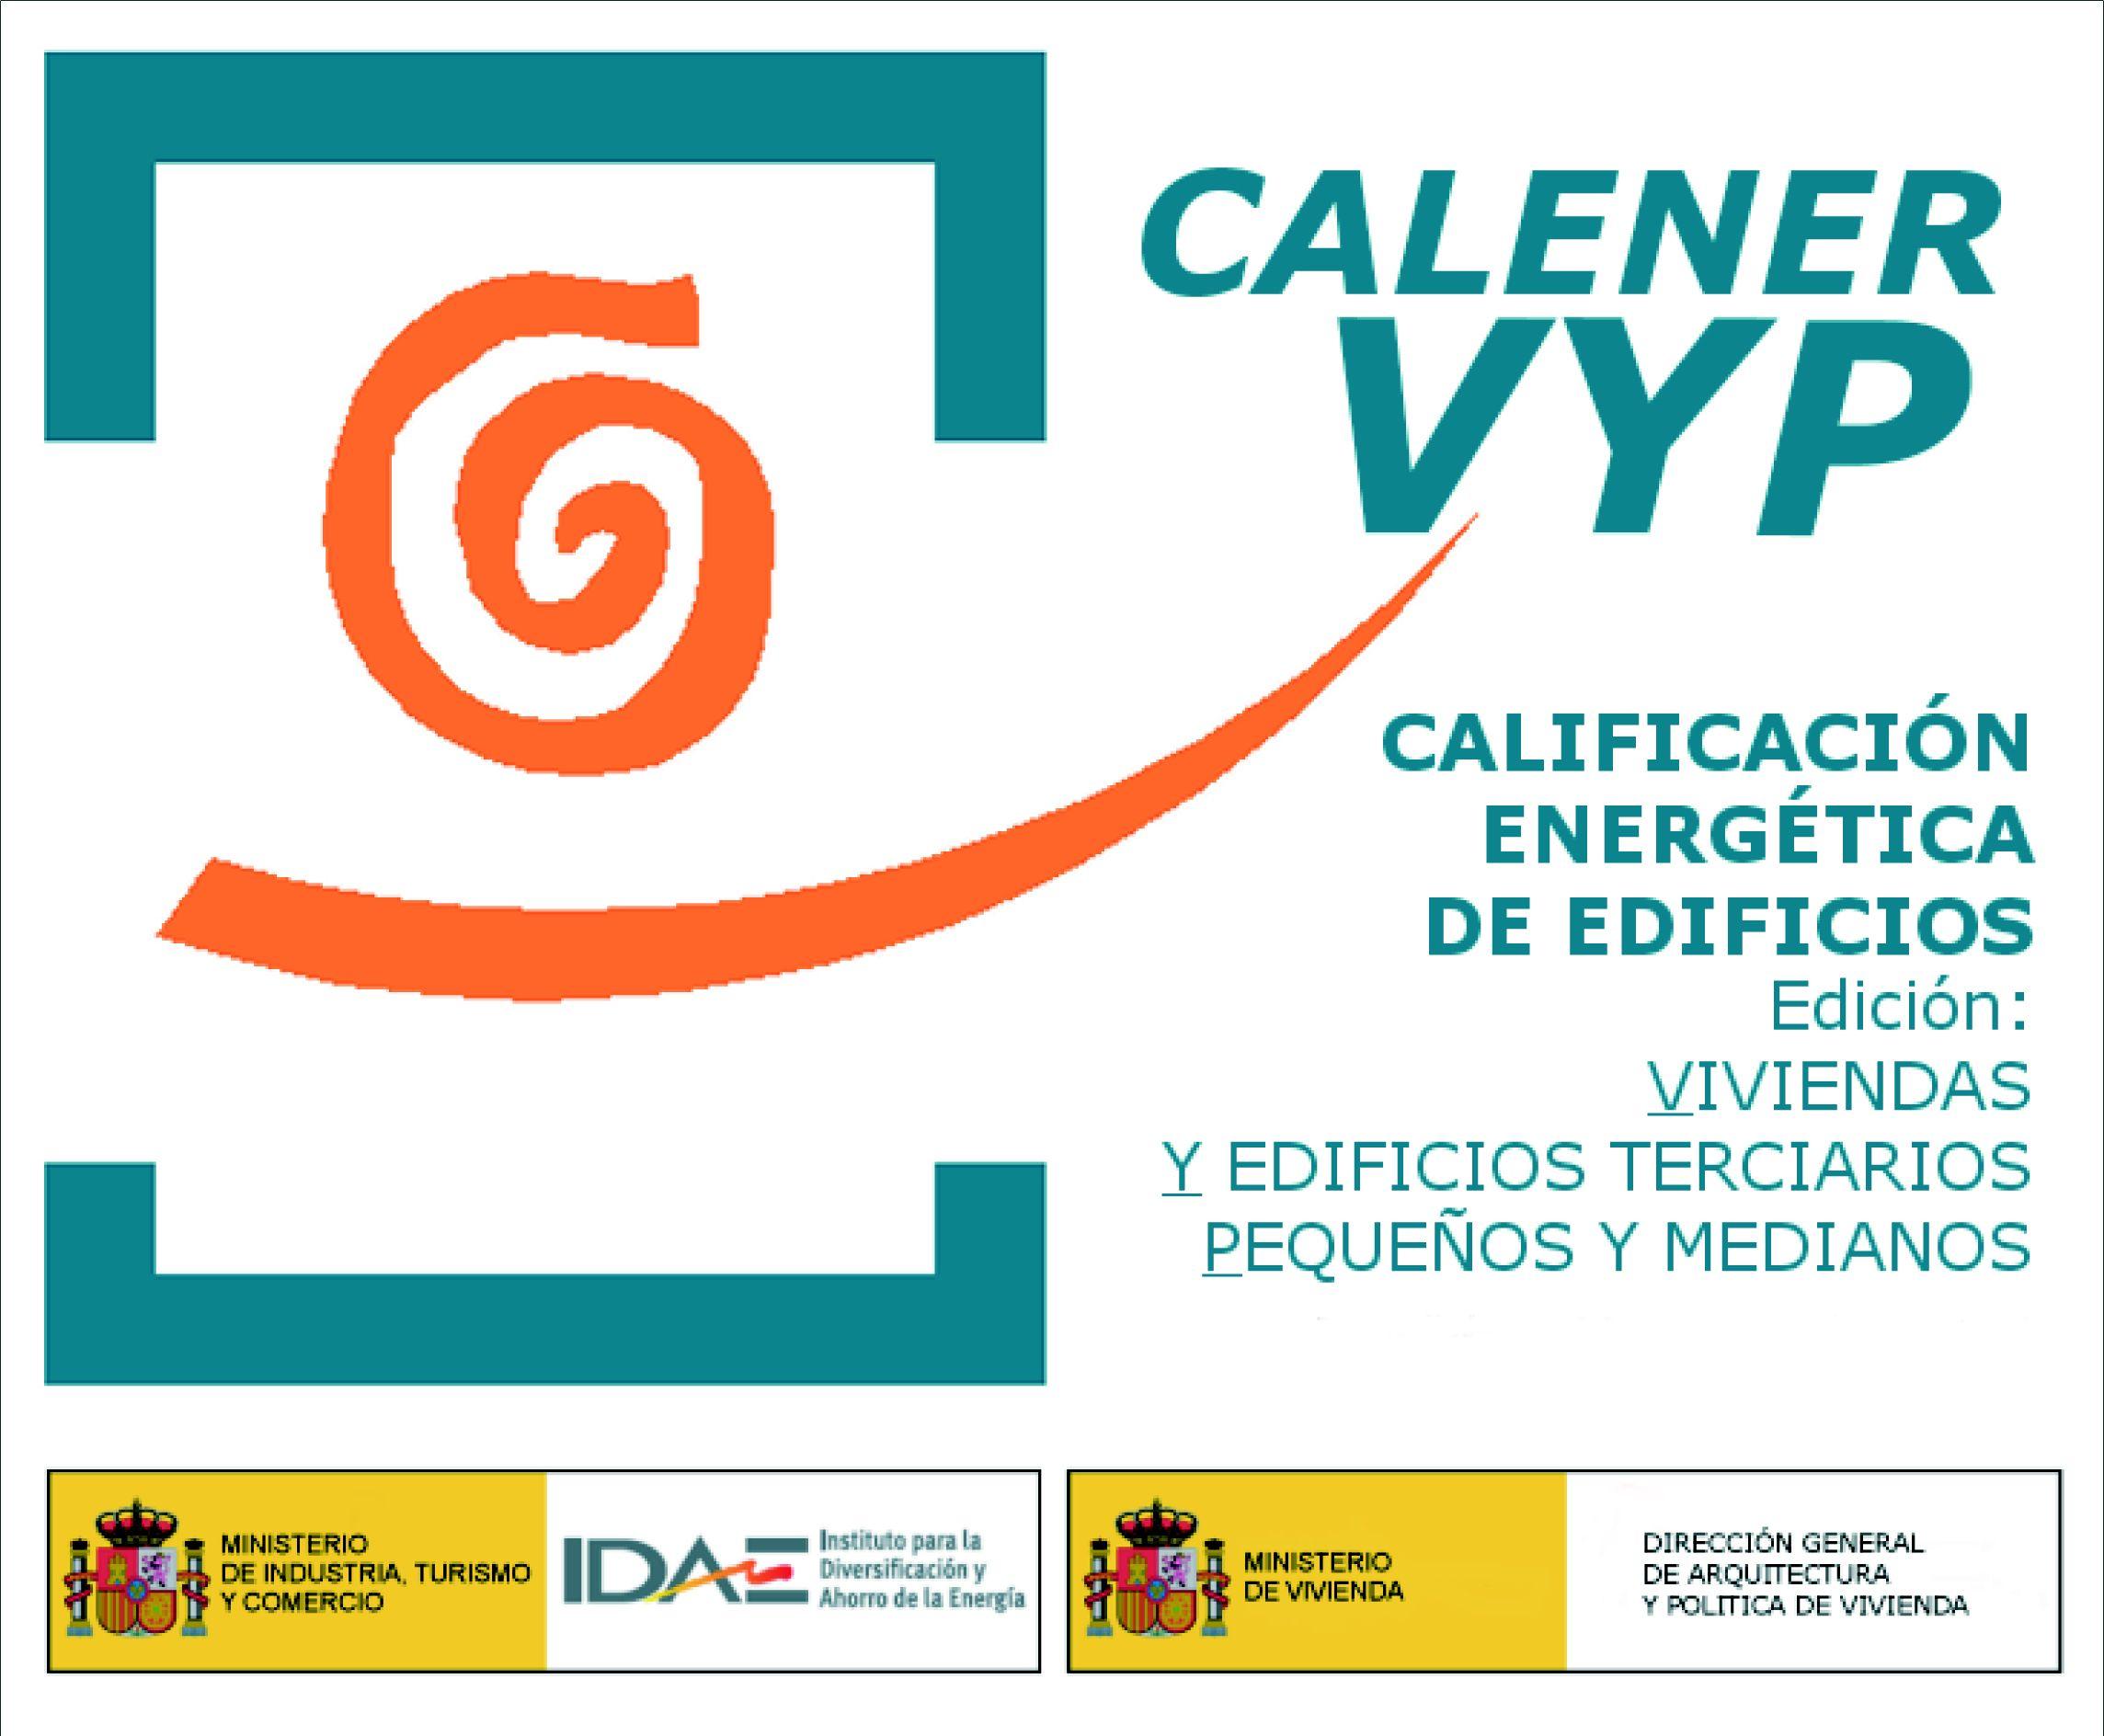 Calificación energética de edificios en Madrid